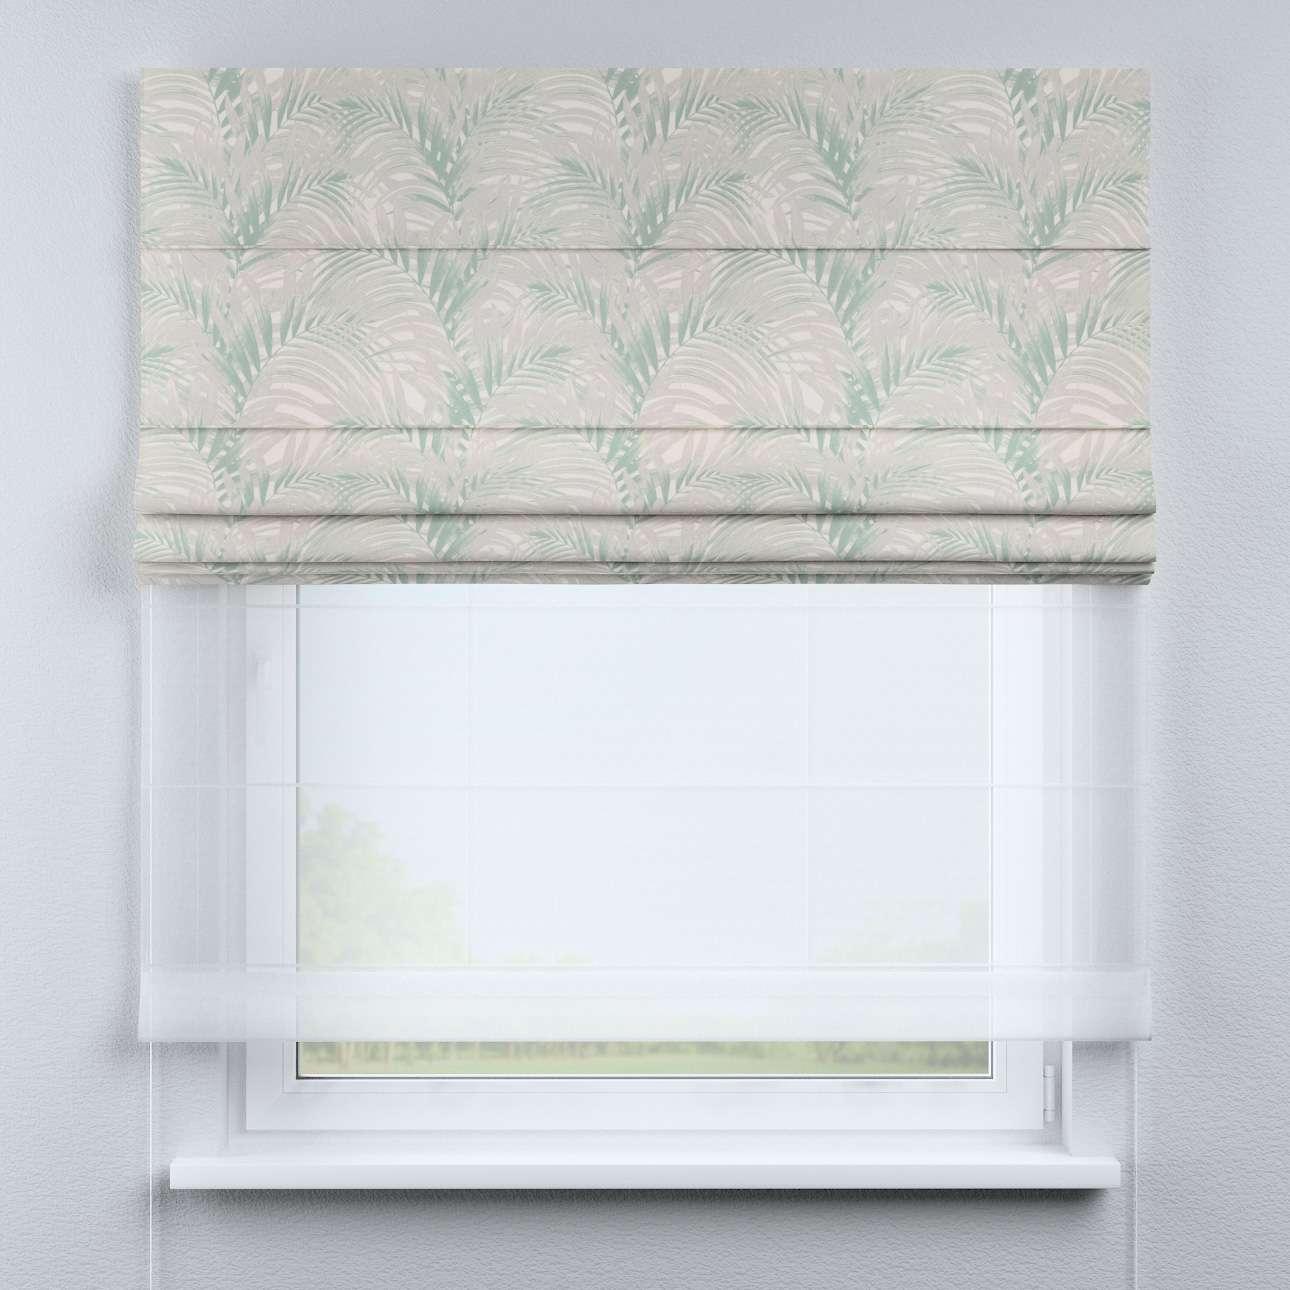 Roleta rzymska Duo w kolekcji Gardenia, tkanina: 142-15